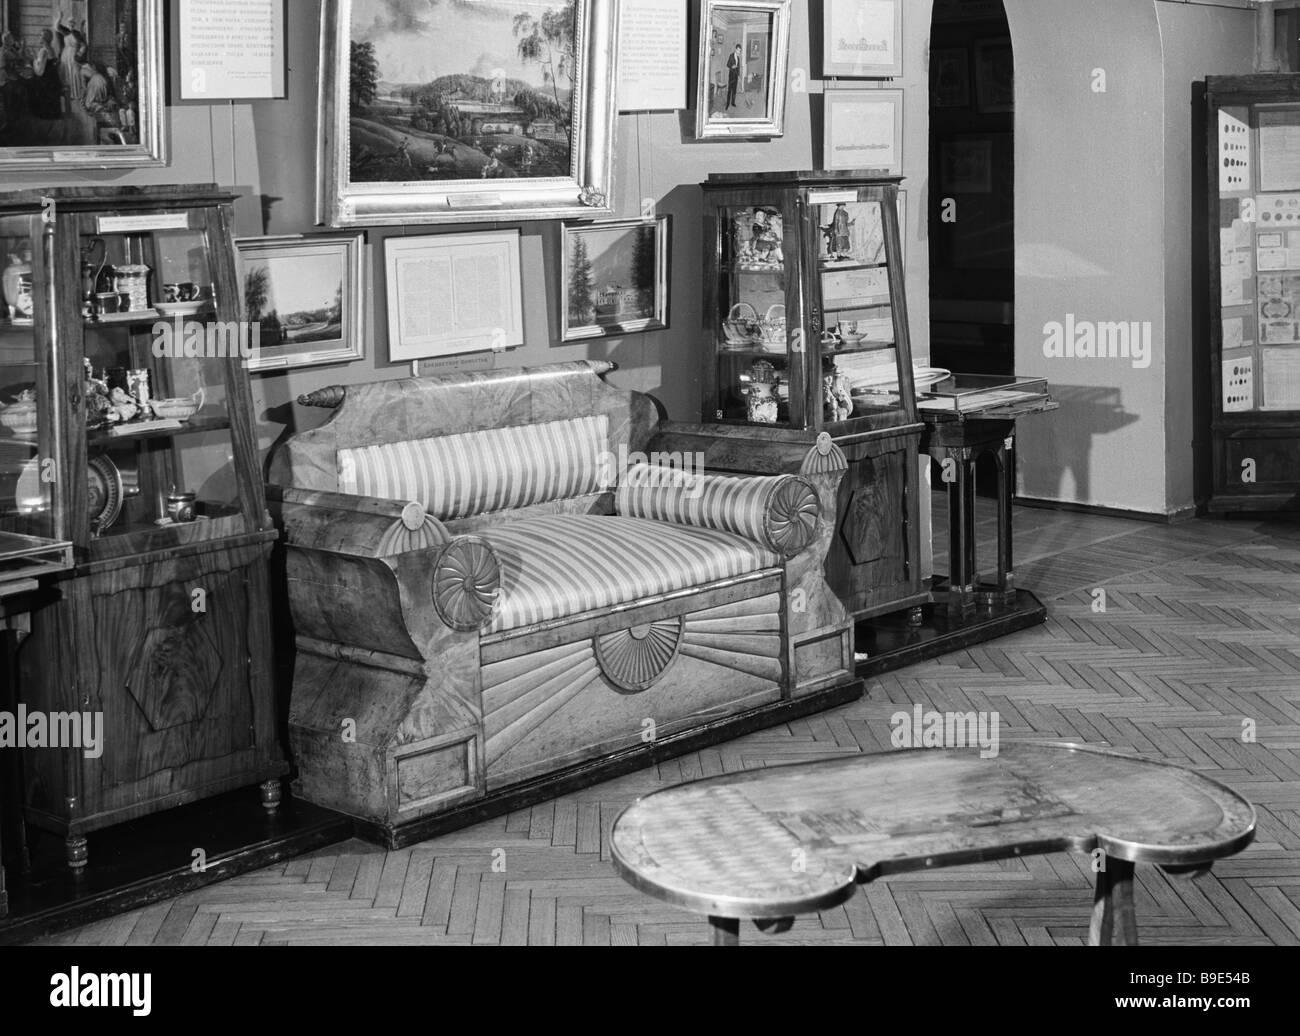 Un canapé en date des années 1920, de la collection du Musée de l'histoire Photo Stock